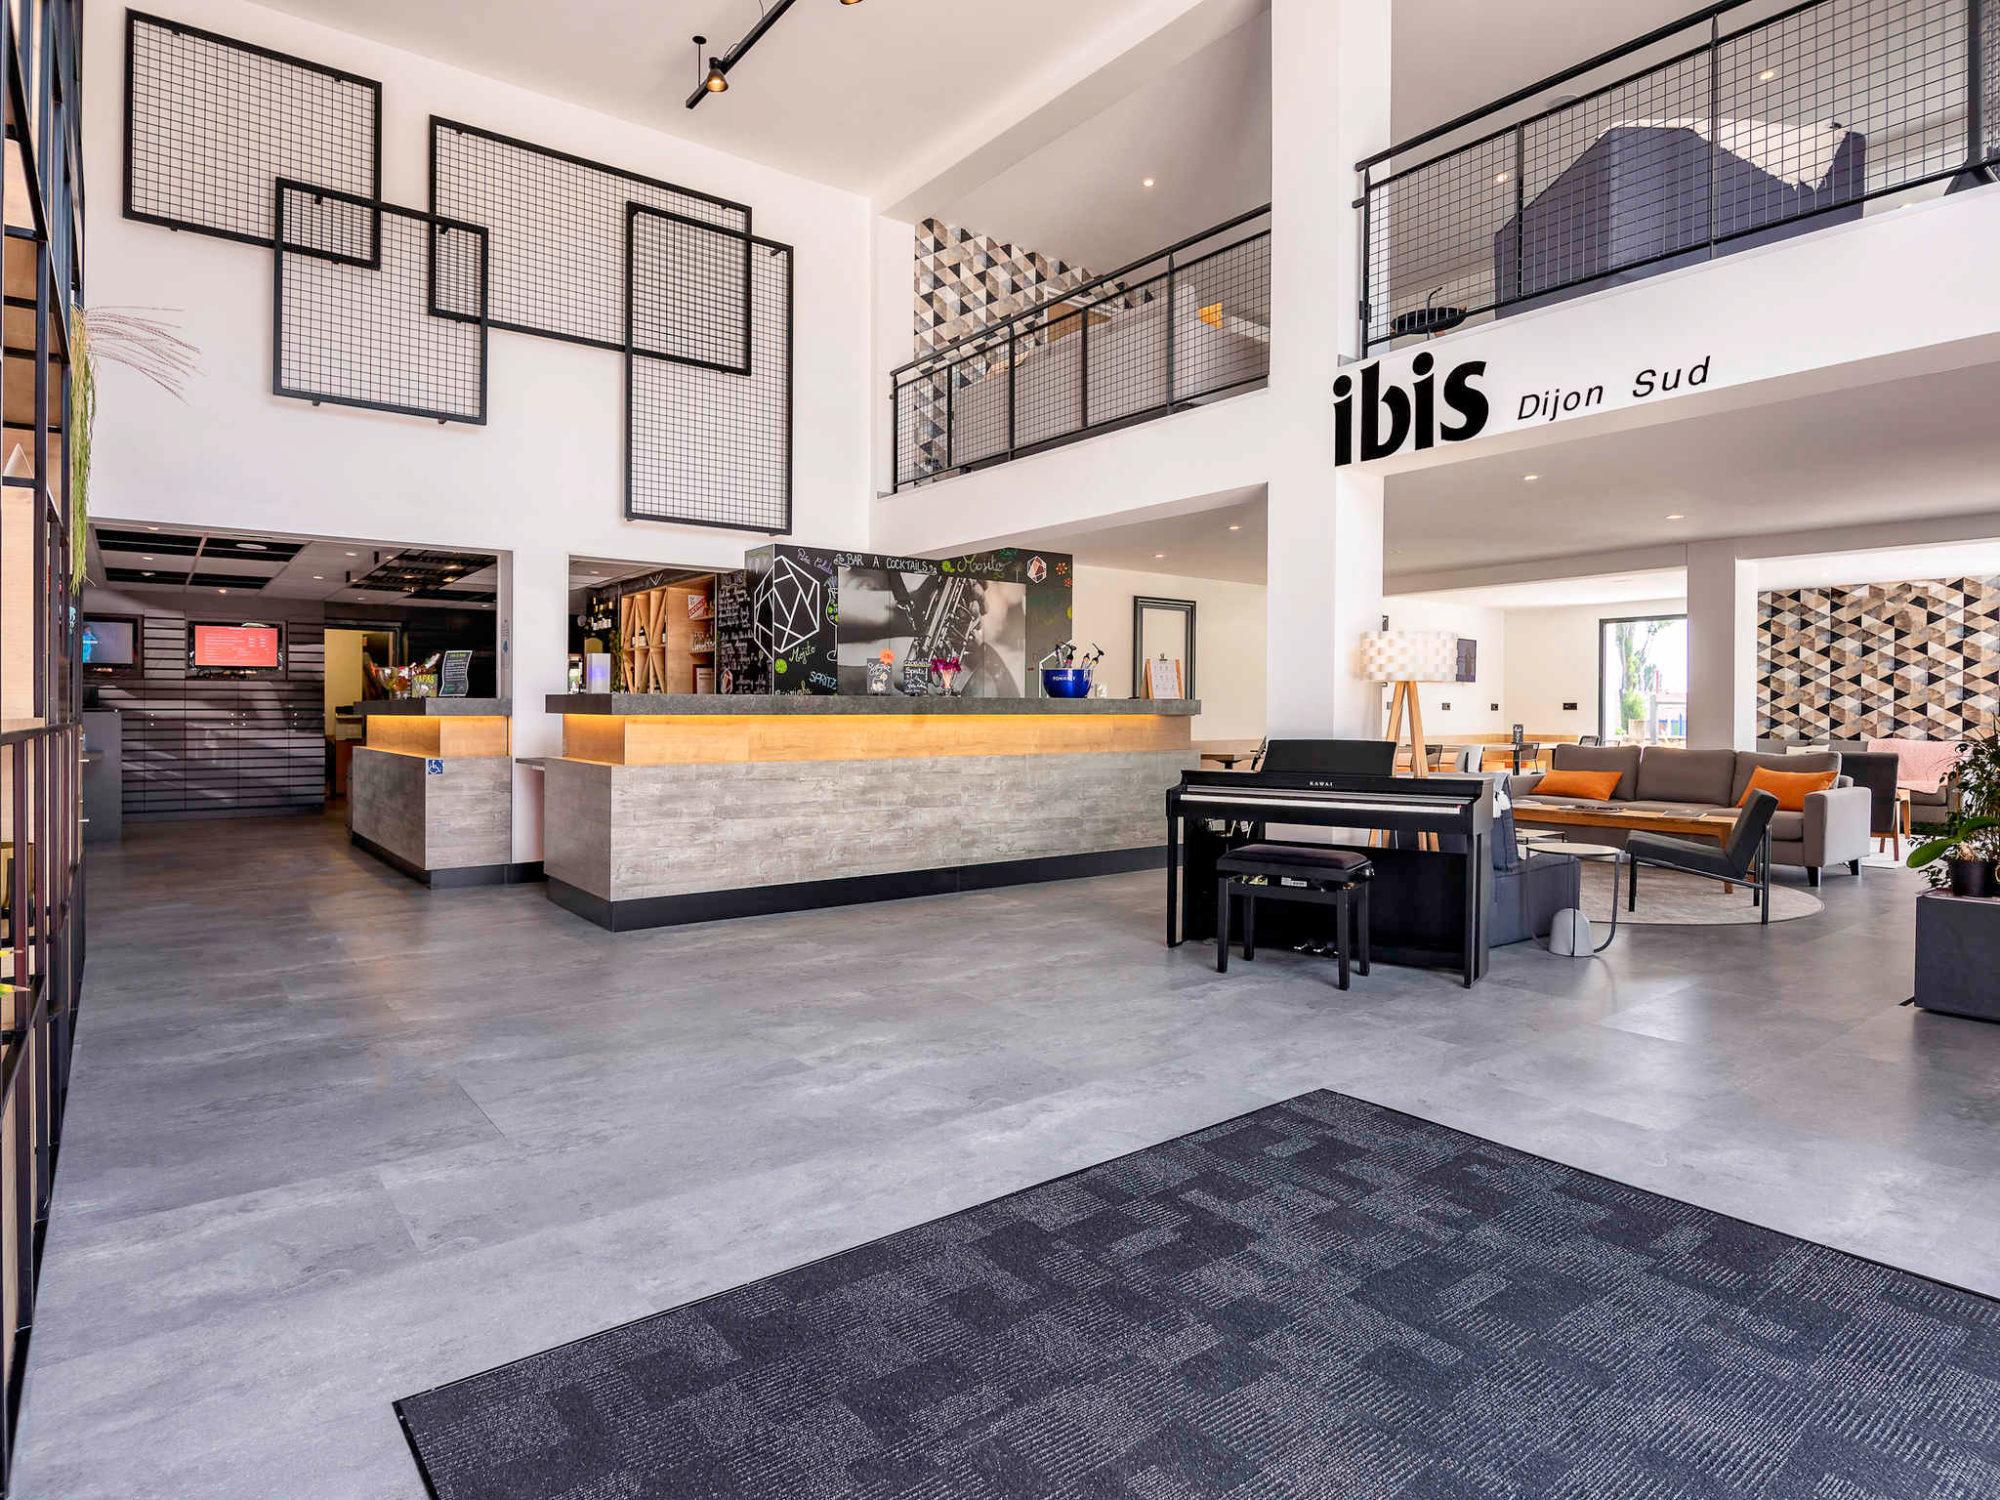 Projet de rénovation et d'agencement de l'hôtel Ibis de Dijon, réalisé par l'agence Option d'Intérieur en 2020